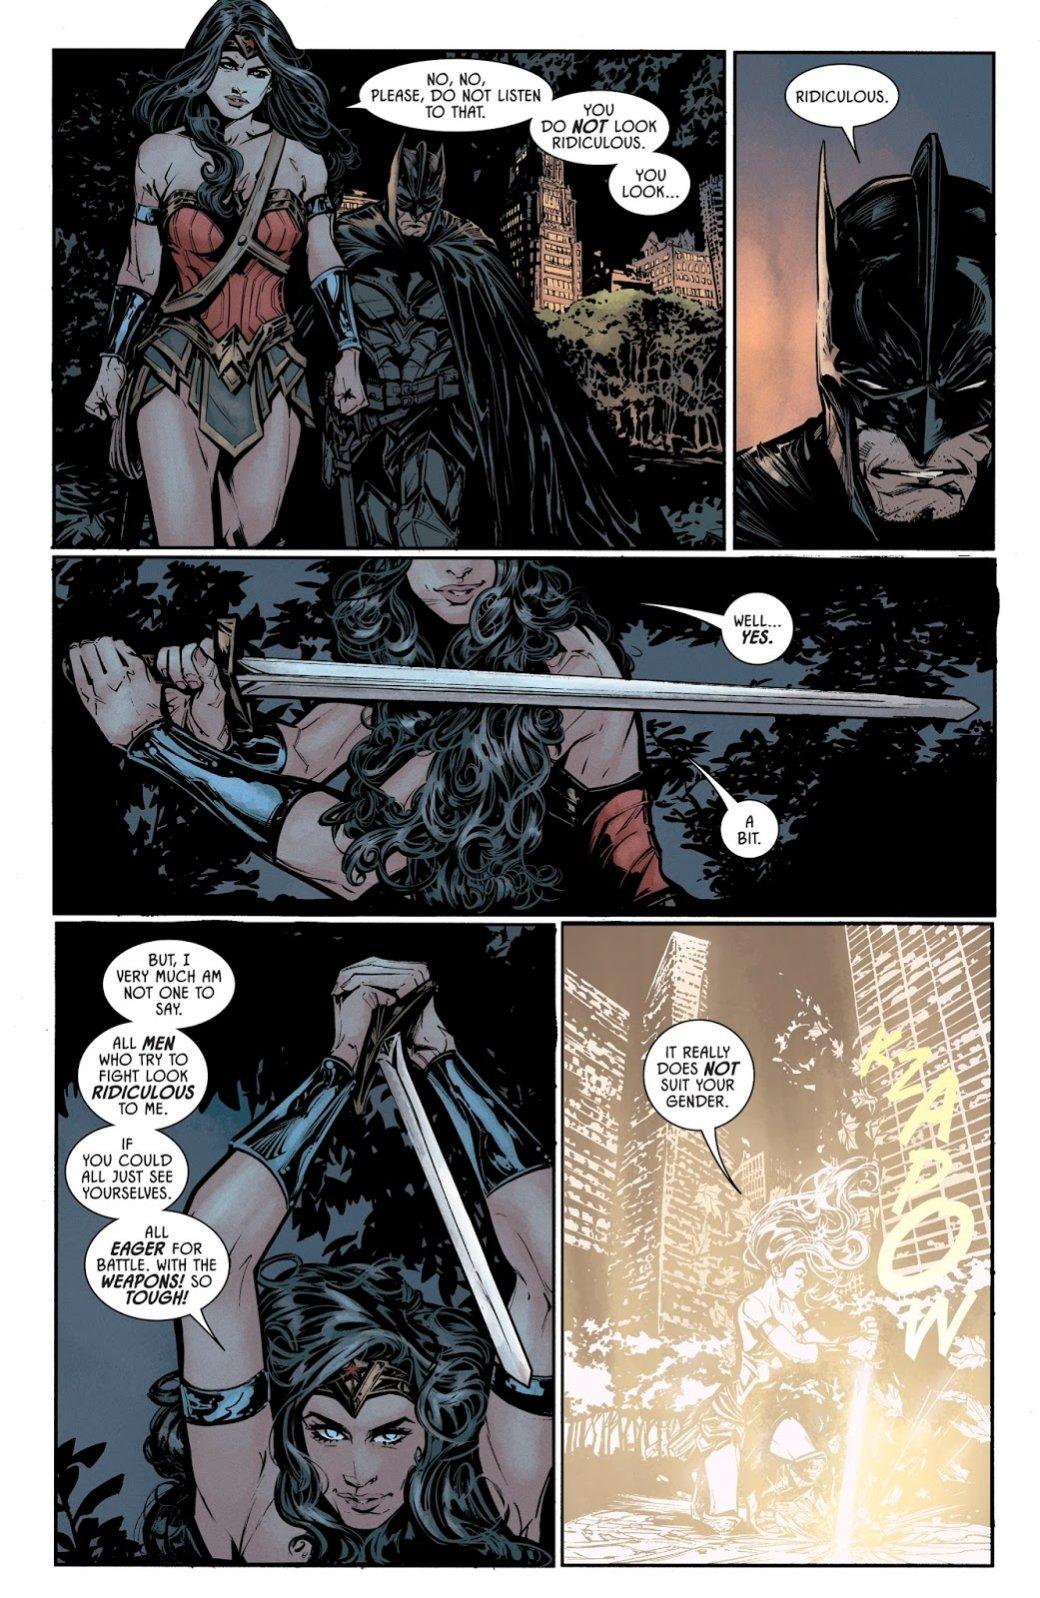 Вновом номере «Бэтмена» Темный рыцарь надел настоящие доспехи, чтобы сразиться сдемонами. - Изображение 2